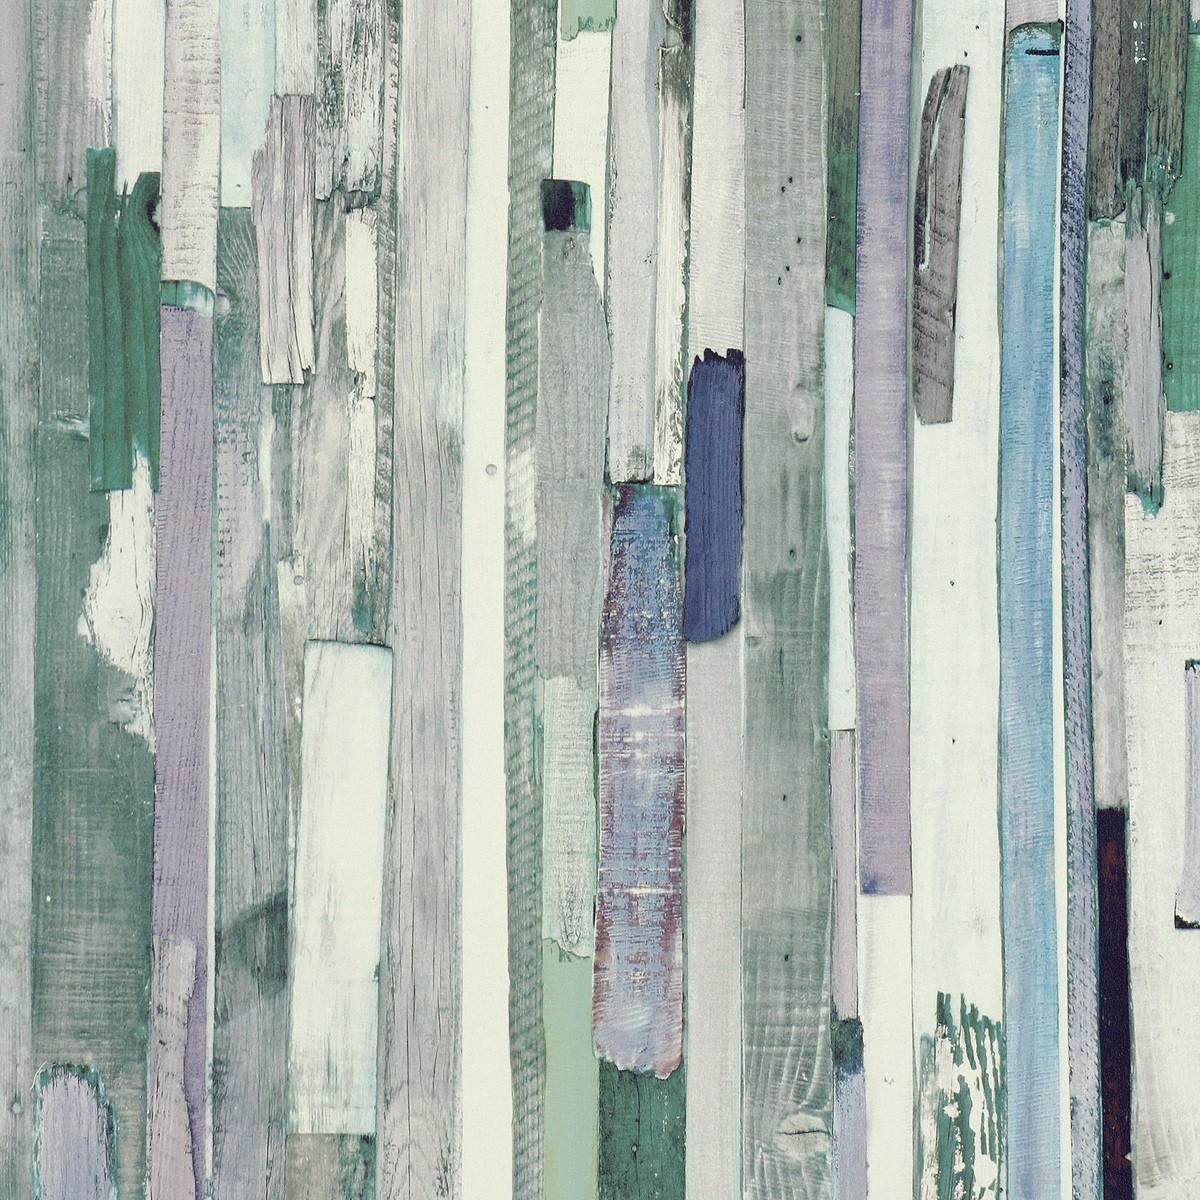 Rasch tapeten grün  Rasch tapeten - angebote auf Waterige